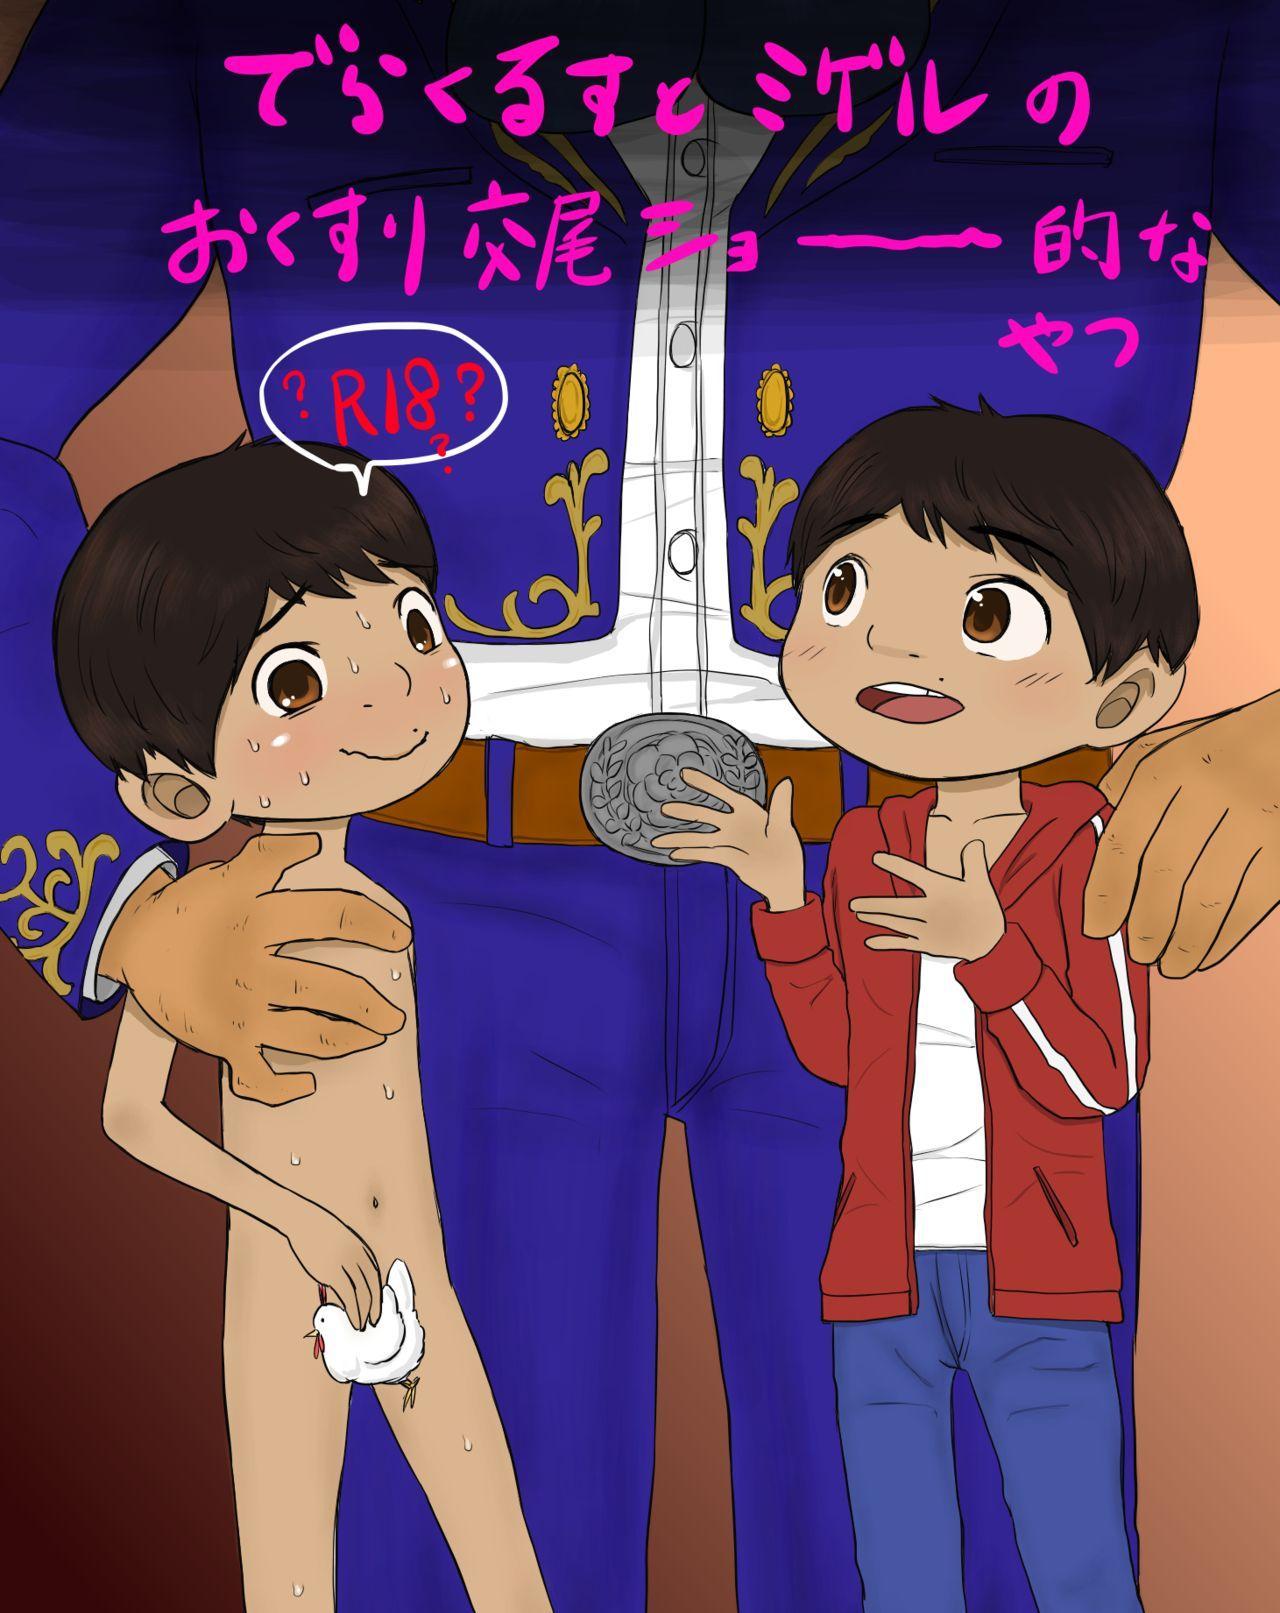 大沼信一 - Unknow Coco doujin 6 0